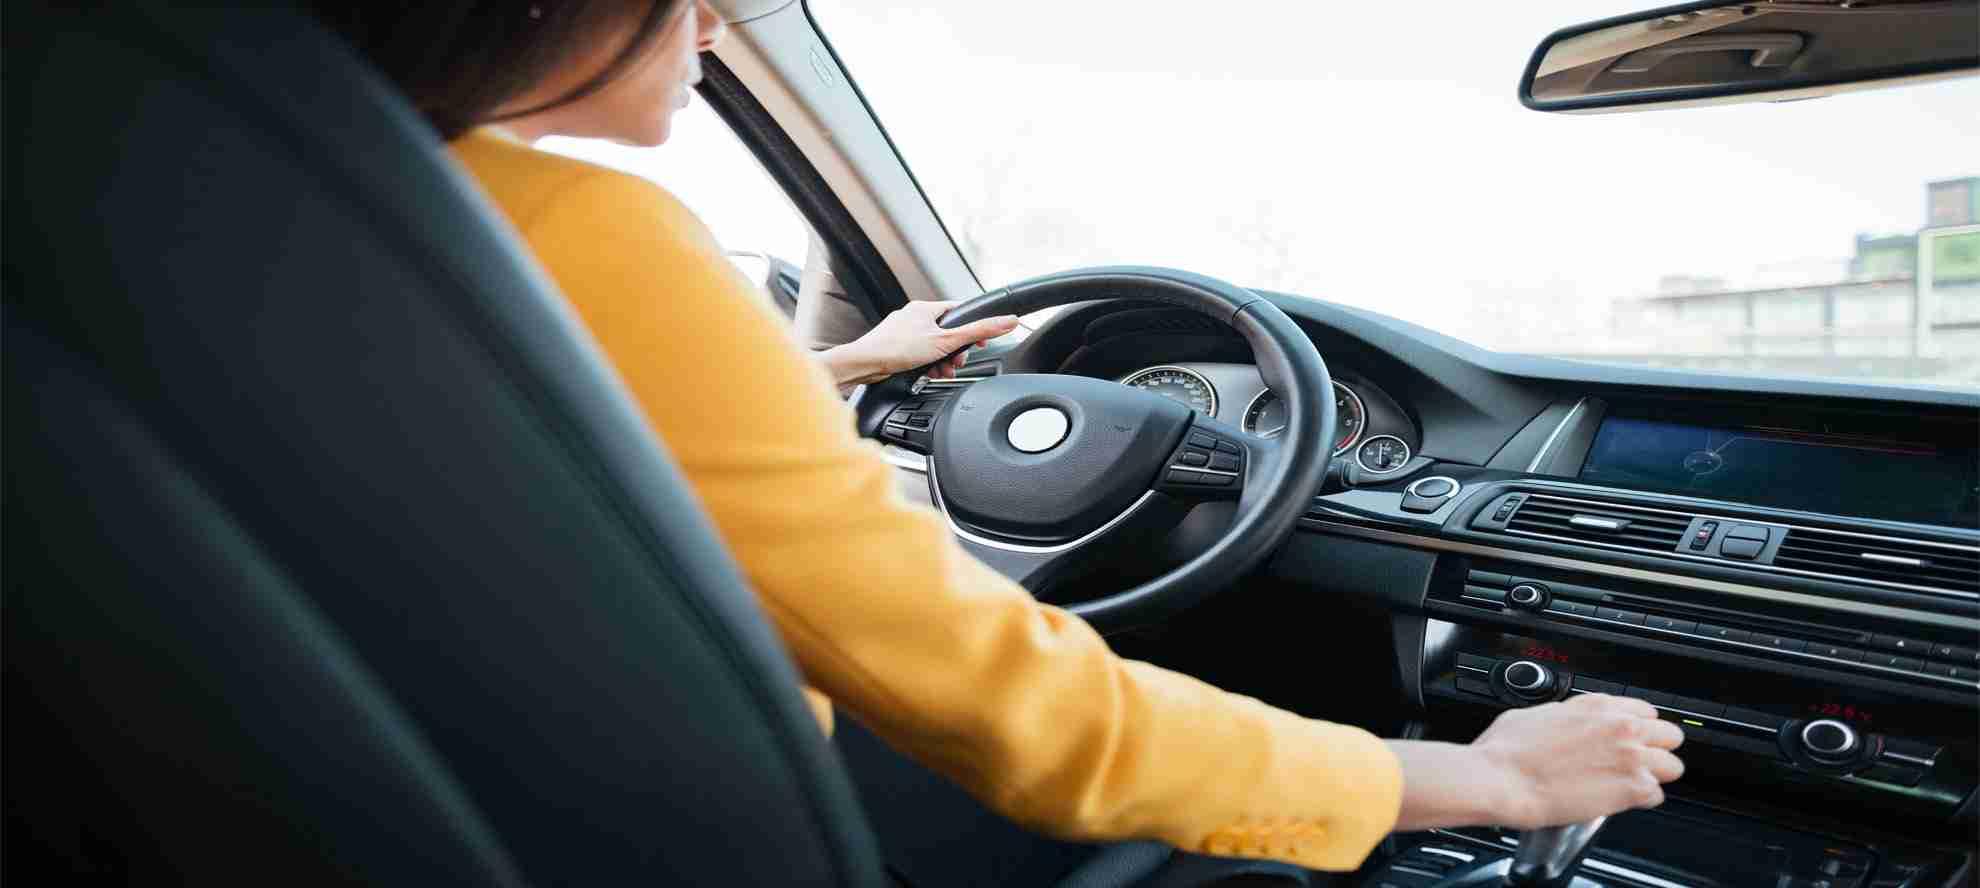 acoala-de-soferi-brasov-sds-automobile-blog-auto